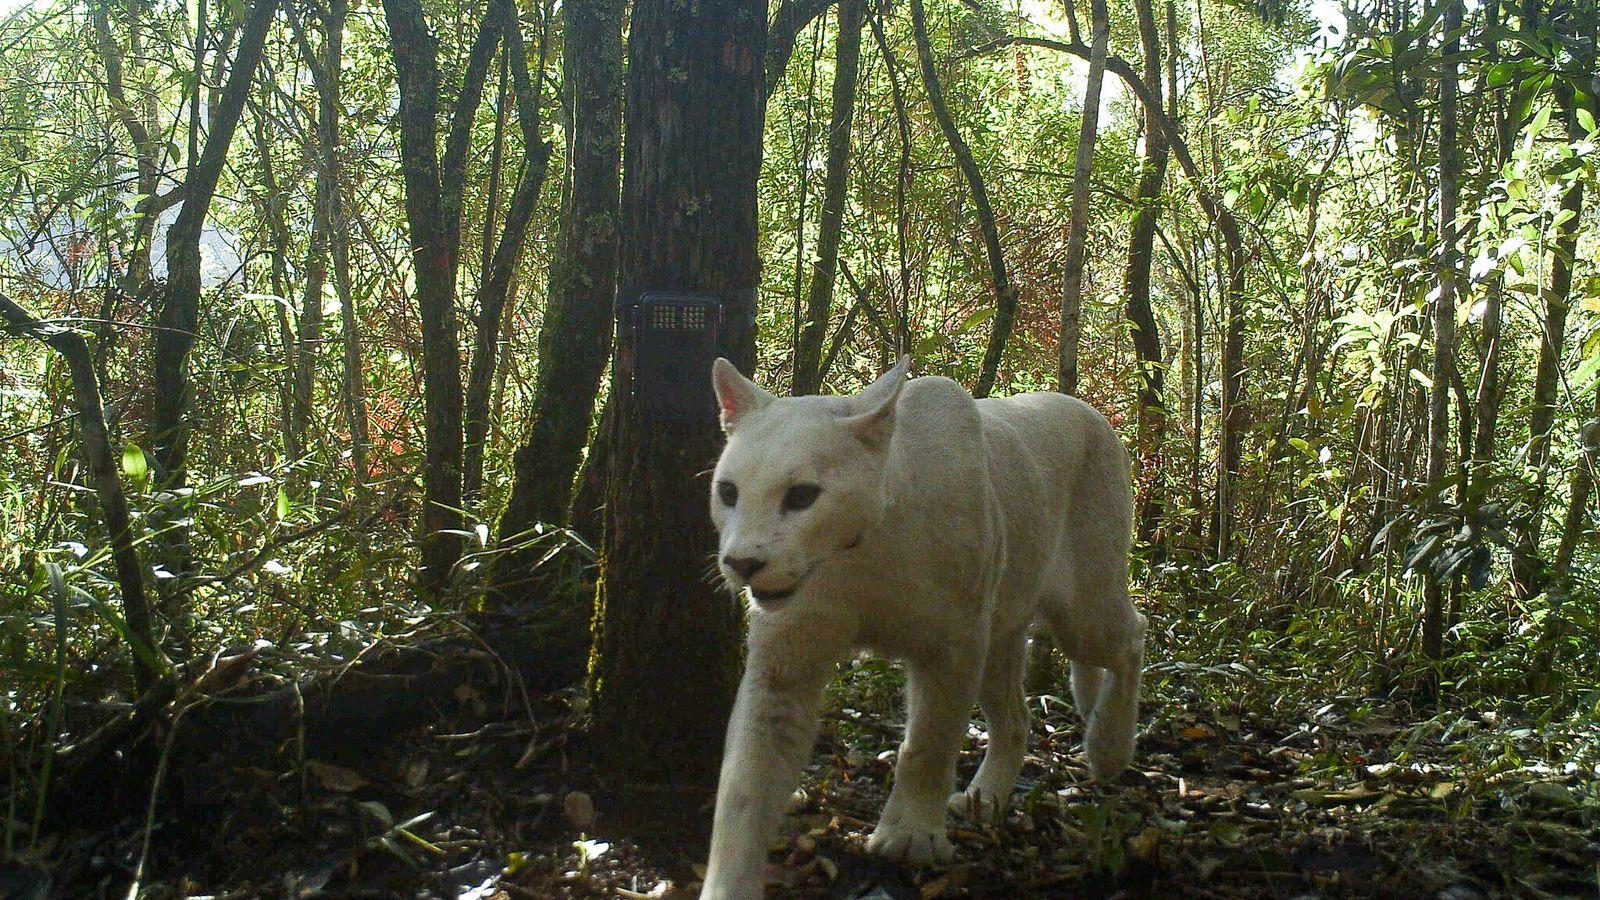 Am 5. Juli 2013 wurde dieser weiße Puma im Südosten des brasilianischen Nationalparks Serra dos Órgãos ...